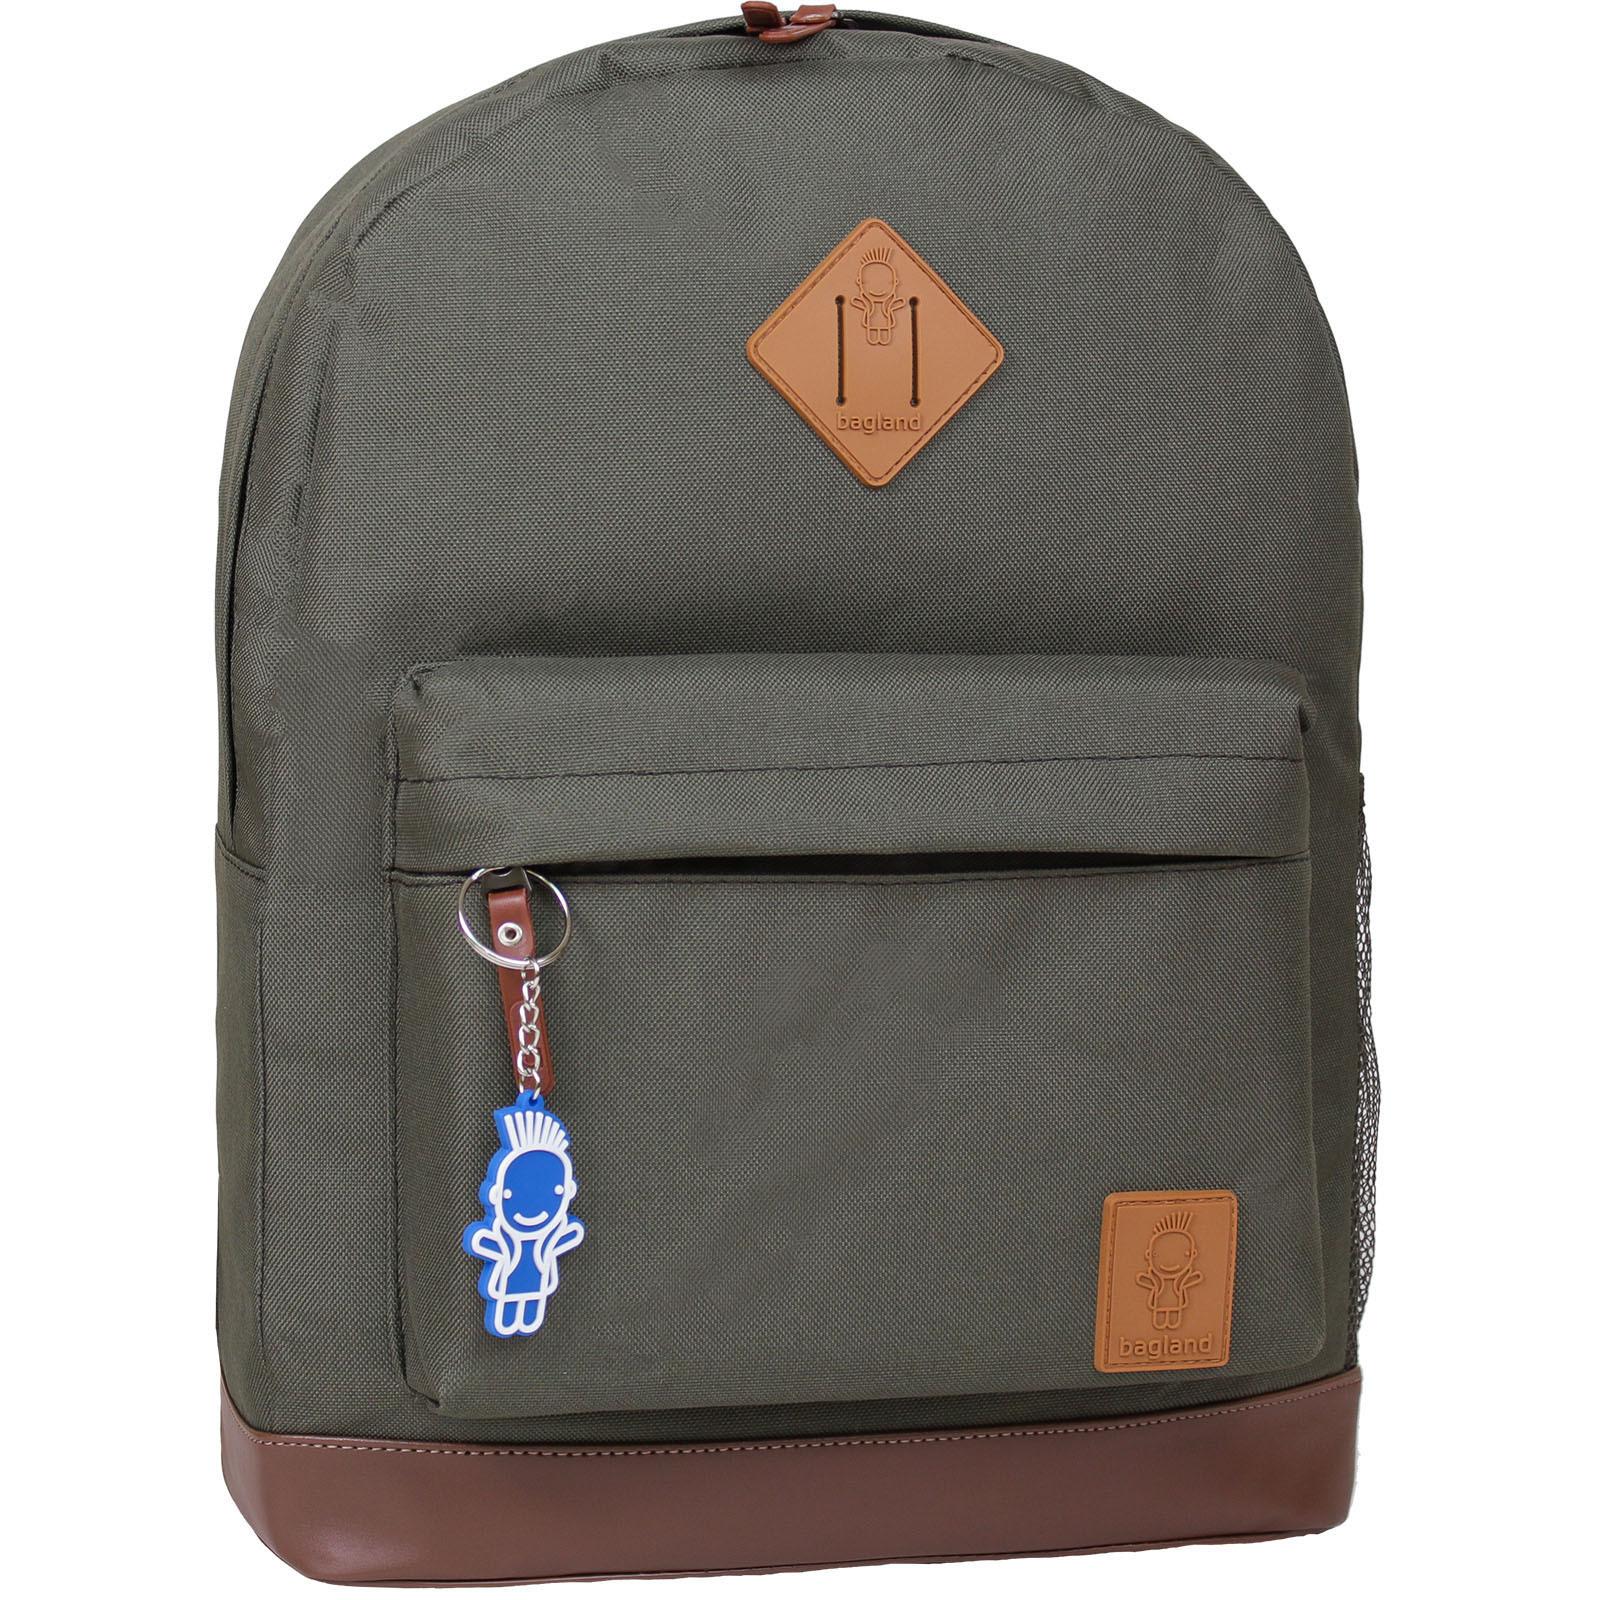 Городские рюкзаки Рюкзак Bagland Молодежный (кожзам) 17 л. Хаки (00533663) IMG_6071-1600.jpg